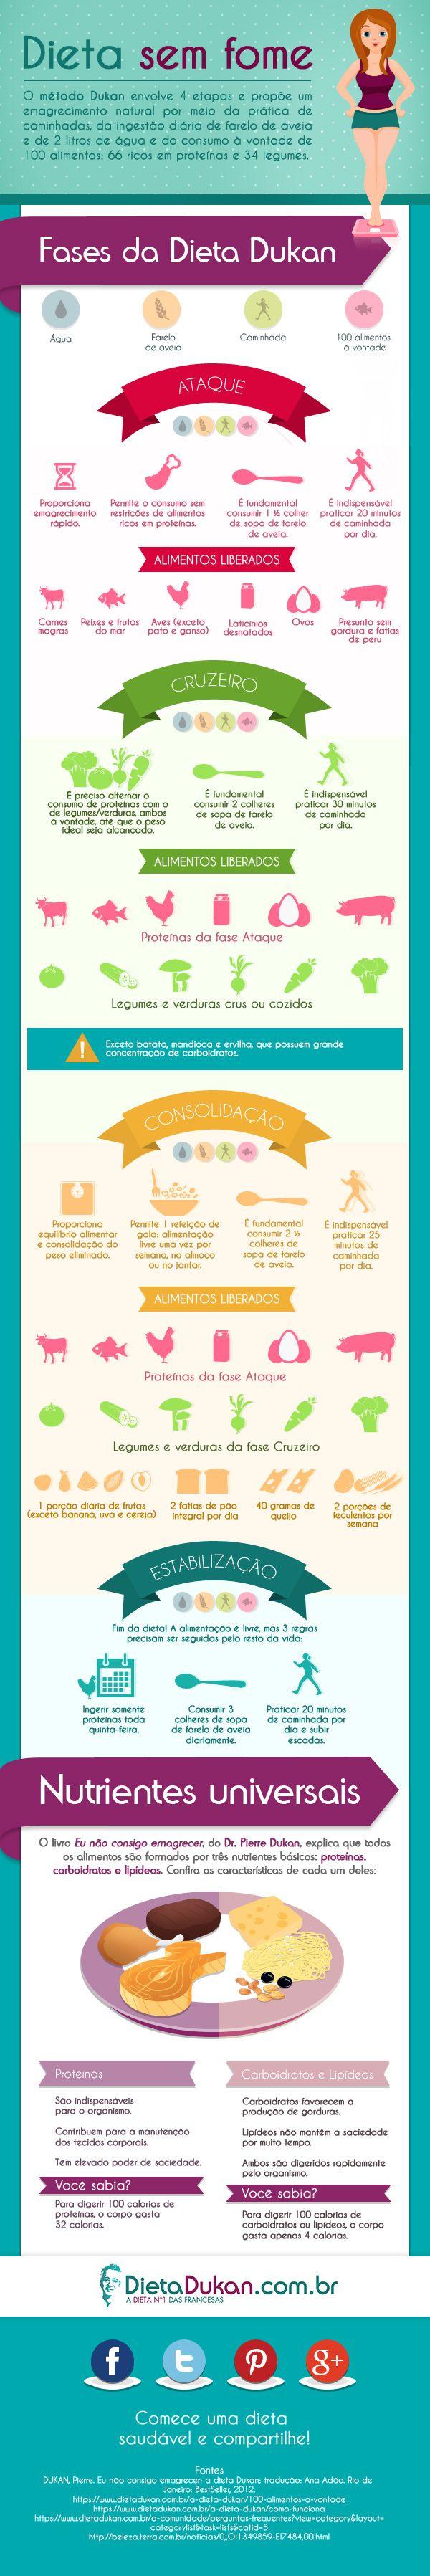 Dieta Dukan - Tudo o que você precisa saber sobre -